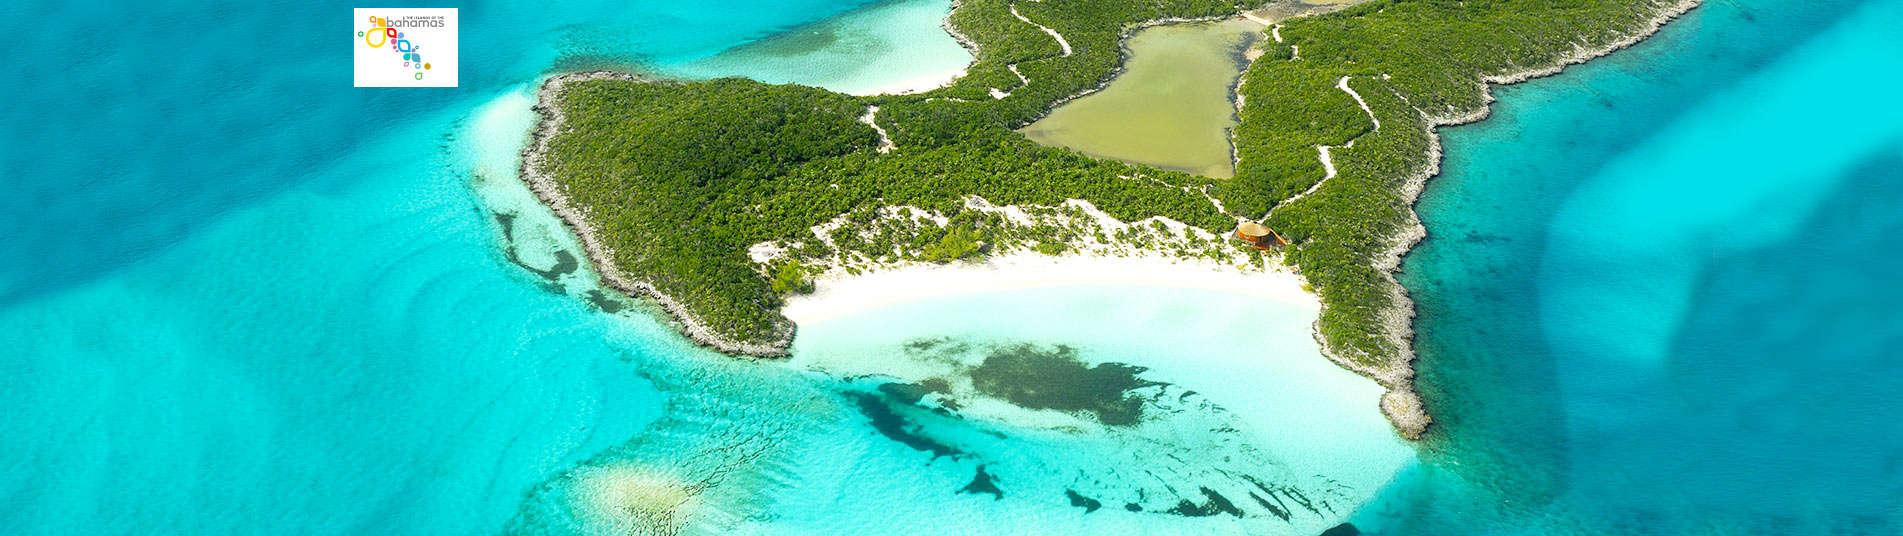 site de rencontre gratuit aux Bahamas Quand est datant dans le noir sur